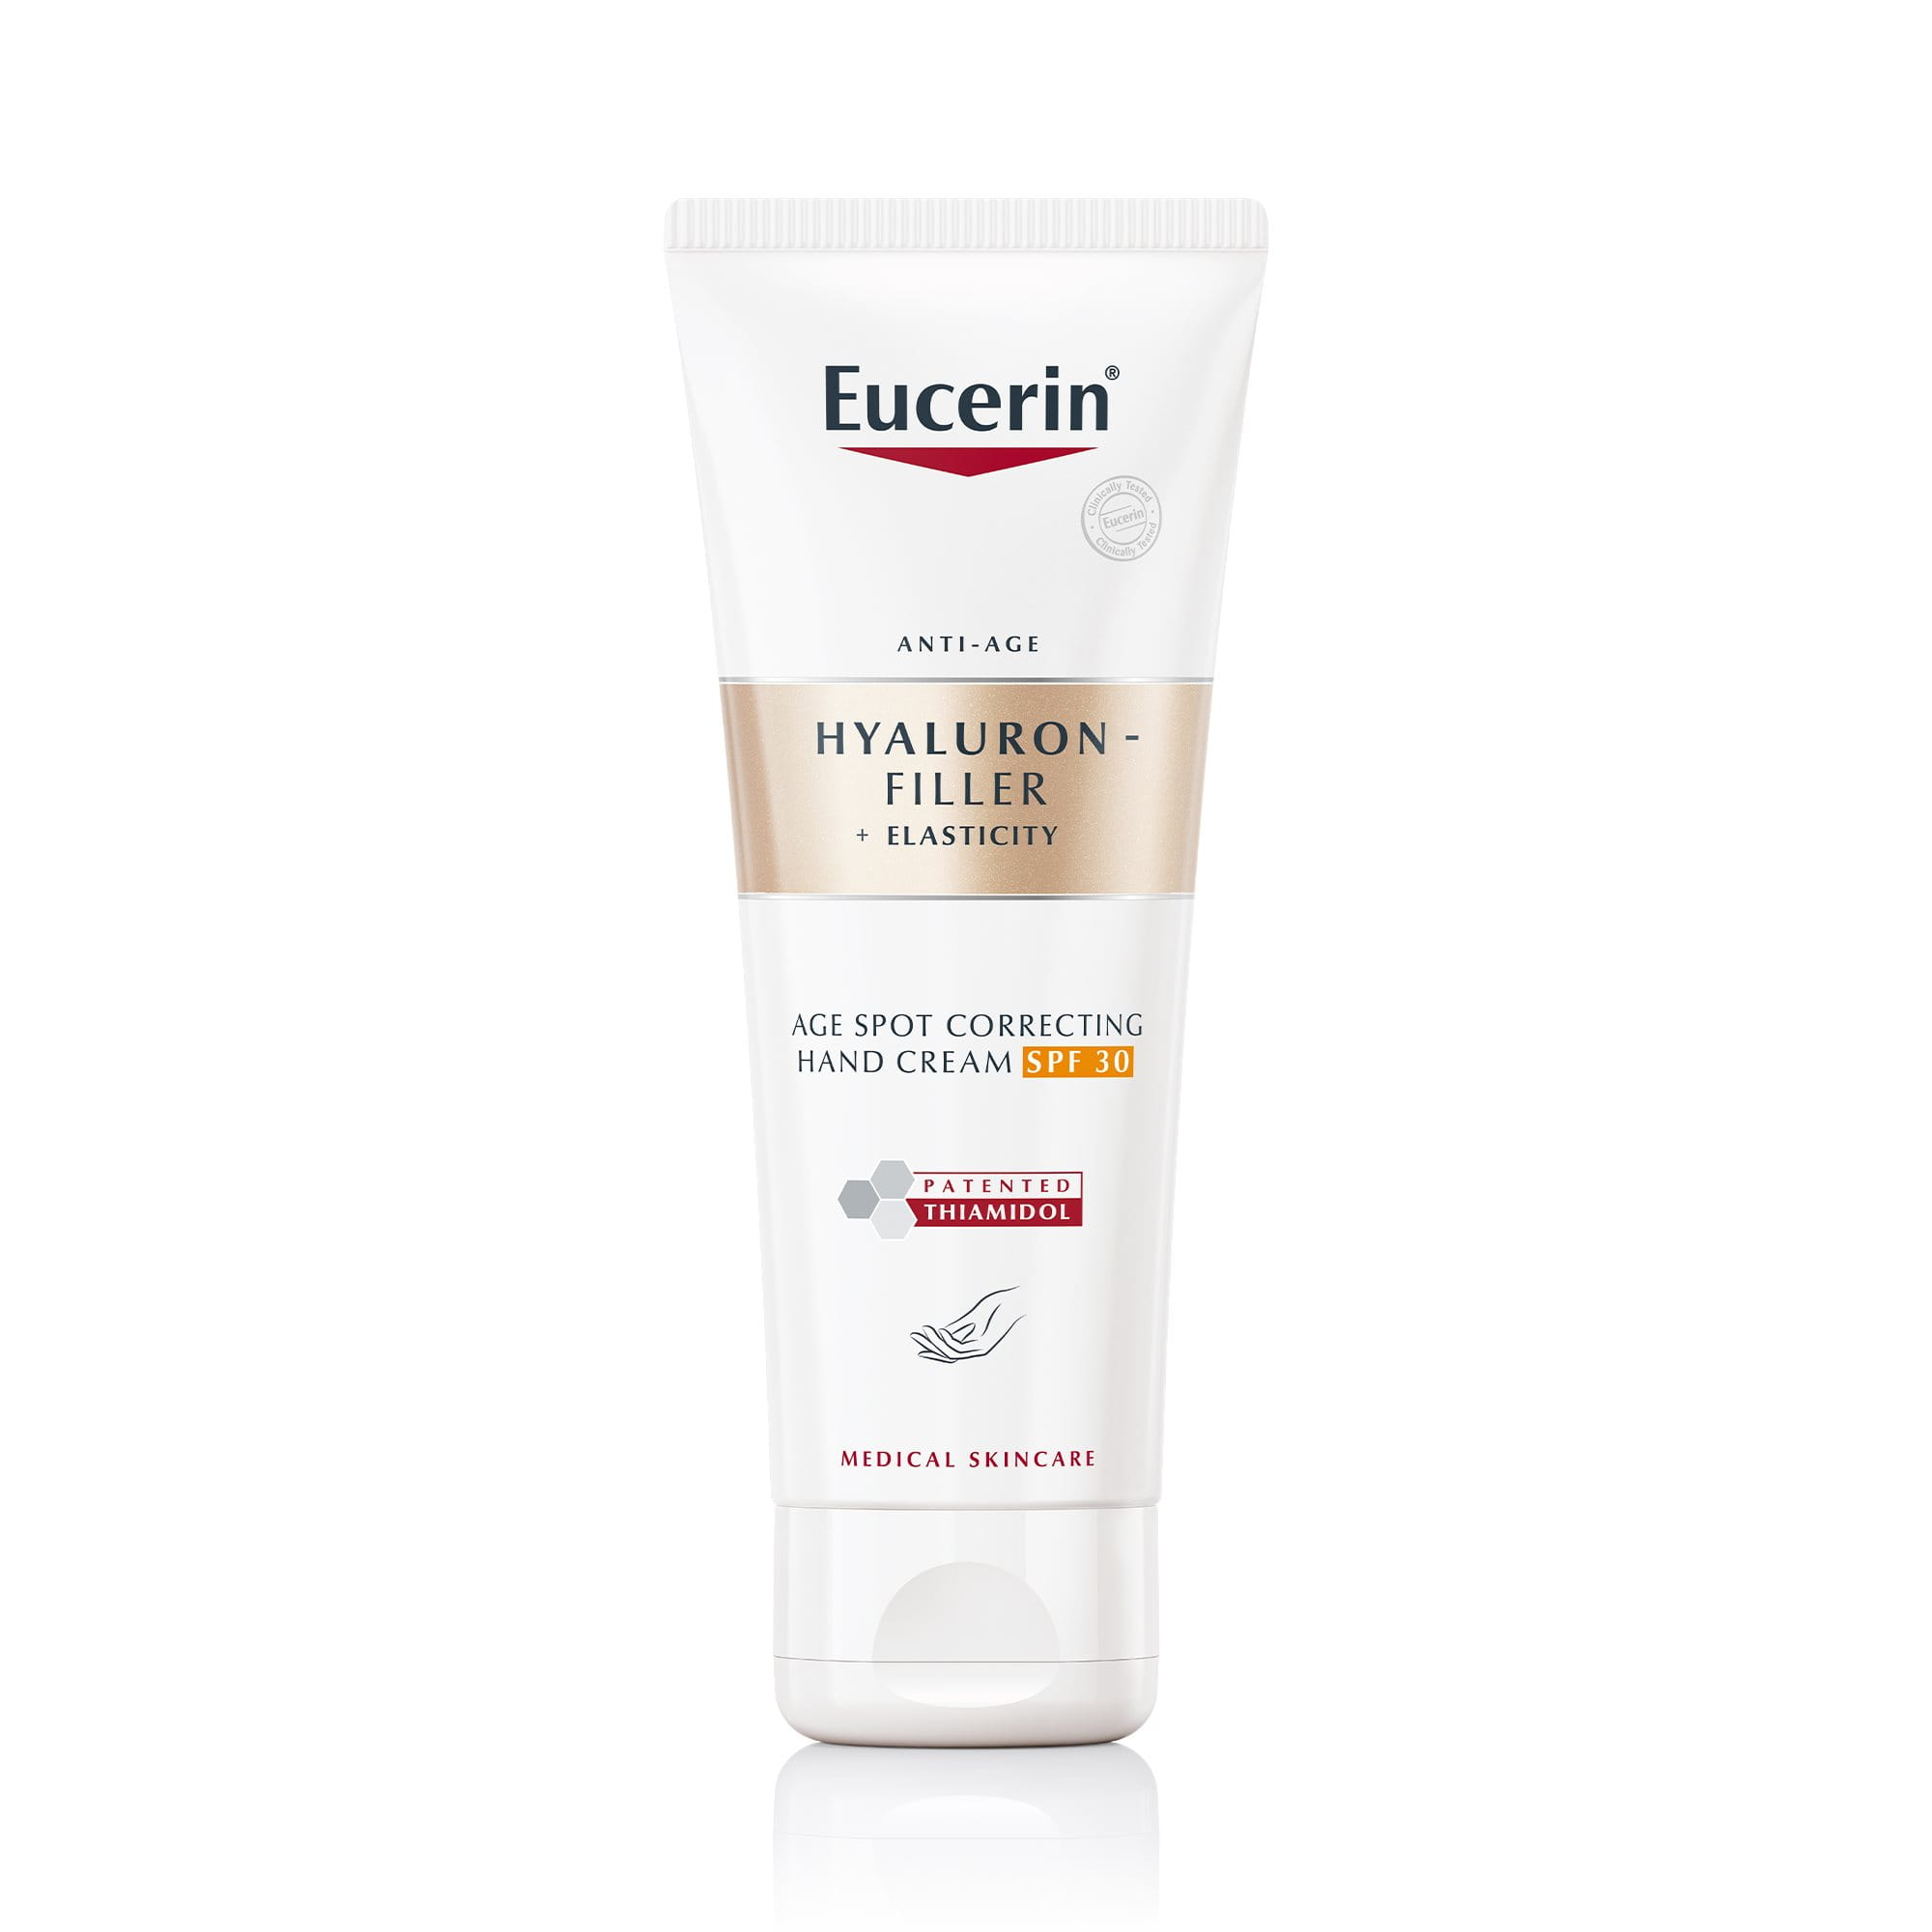 Eucerin Hyaluron-Filler + Elasticity pigmentfolt halványító & bőrfiatalító kézkrém FF 30